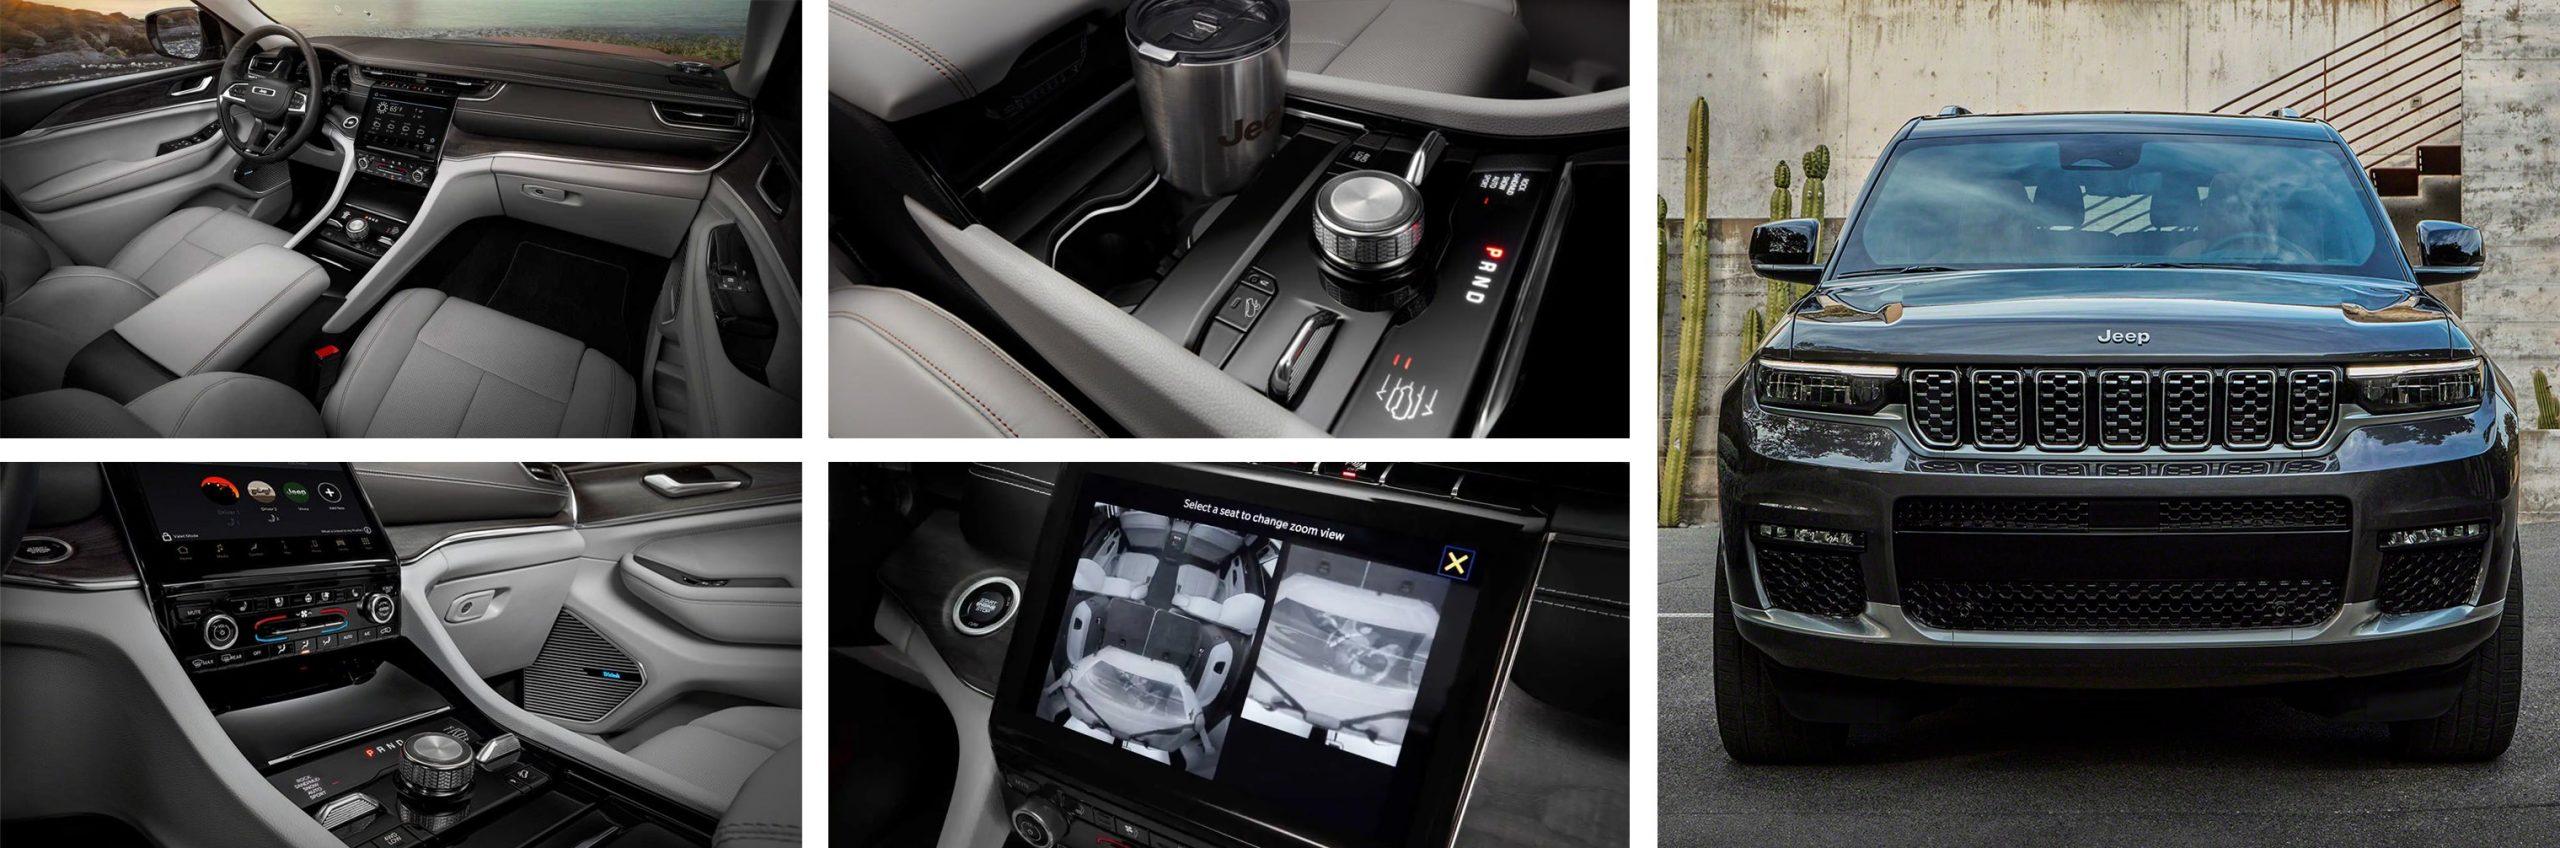 All-New 2021 Jeep Grand Cherokee L interior